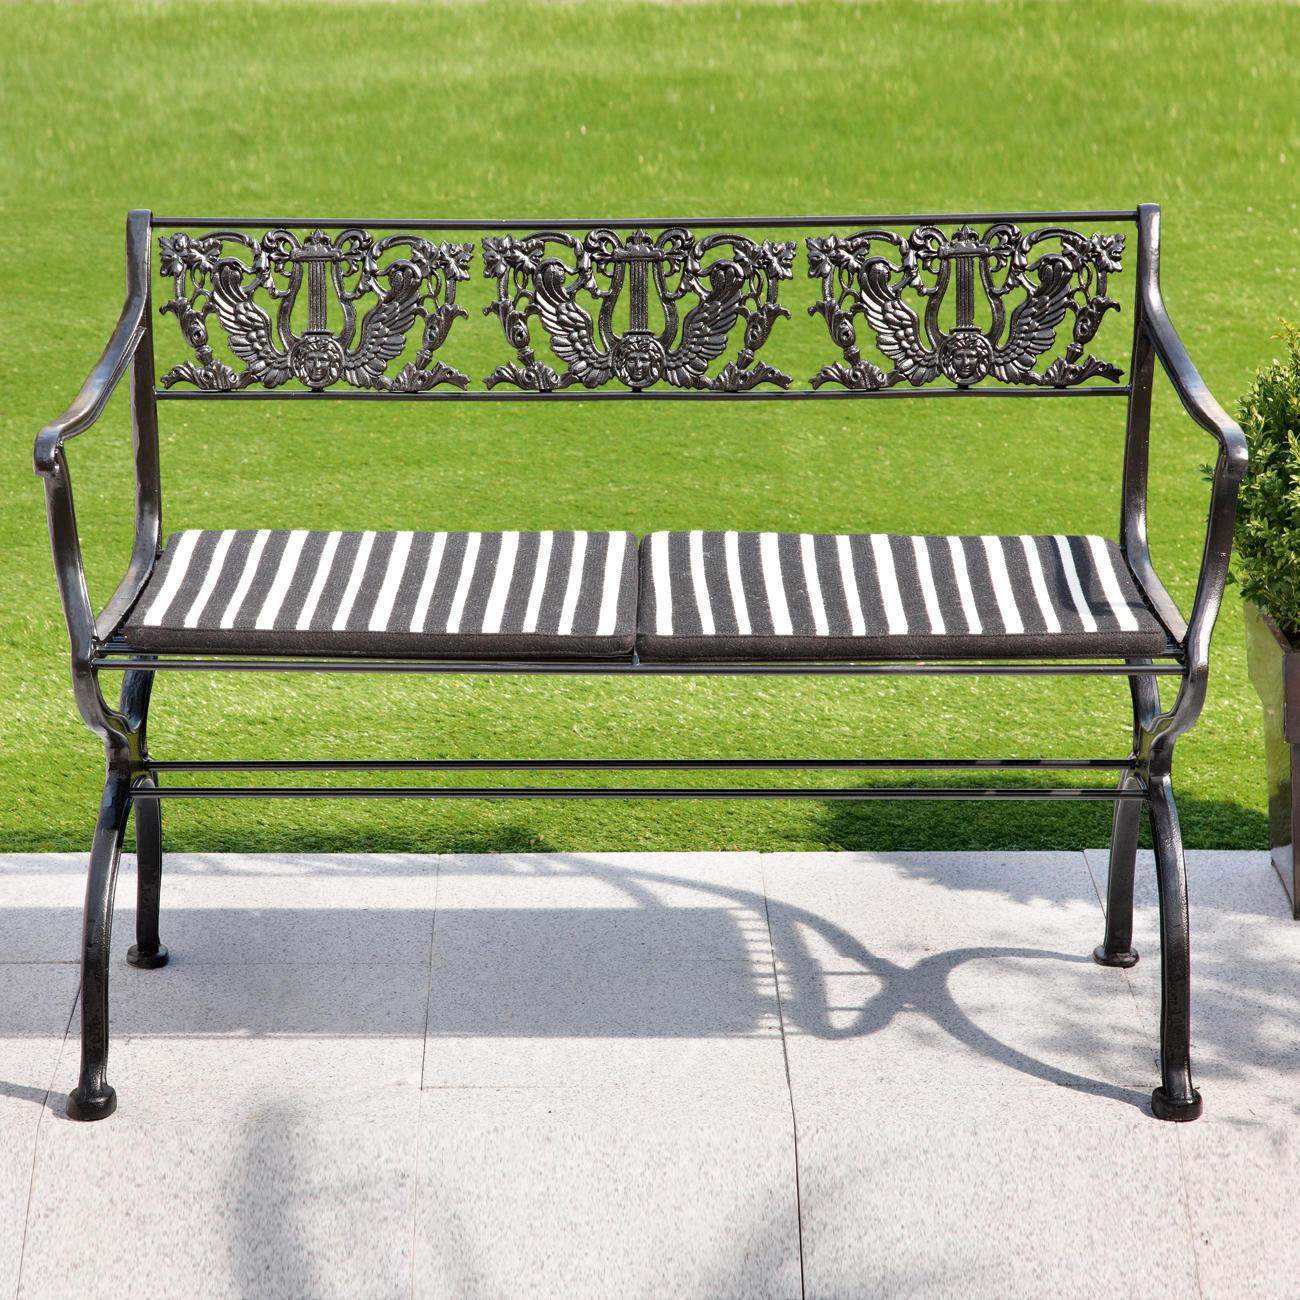 schinkel gartenm bel 3 jahre garantie pro idee. Black Bedroom Furniture Sets. Home Design Ideas